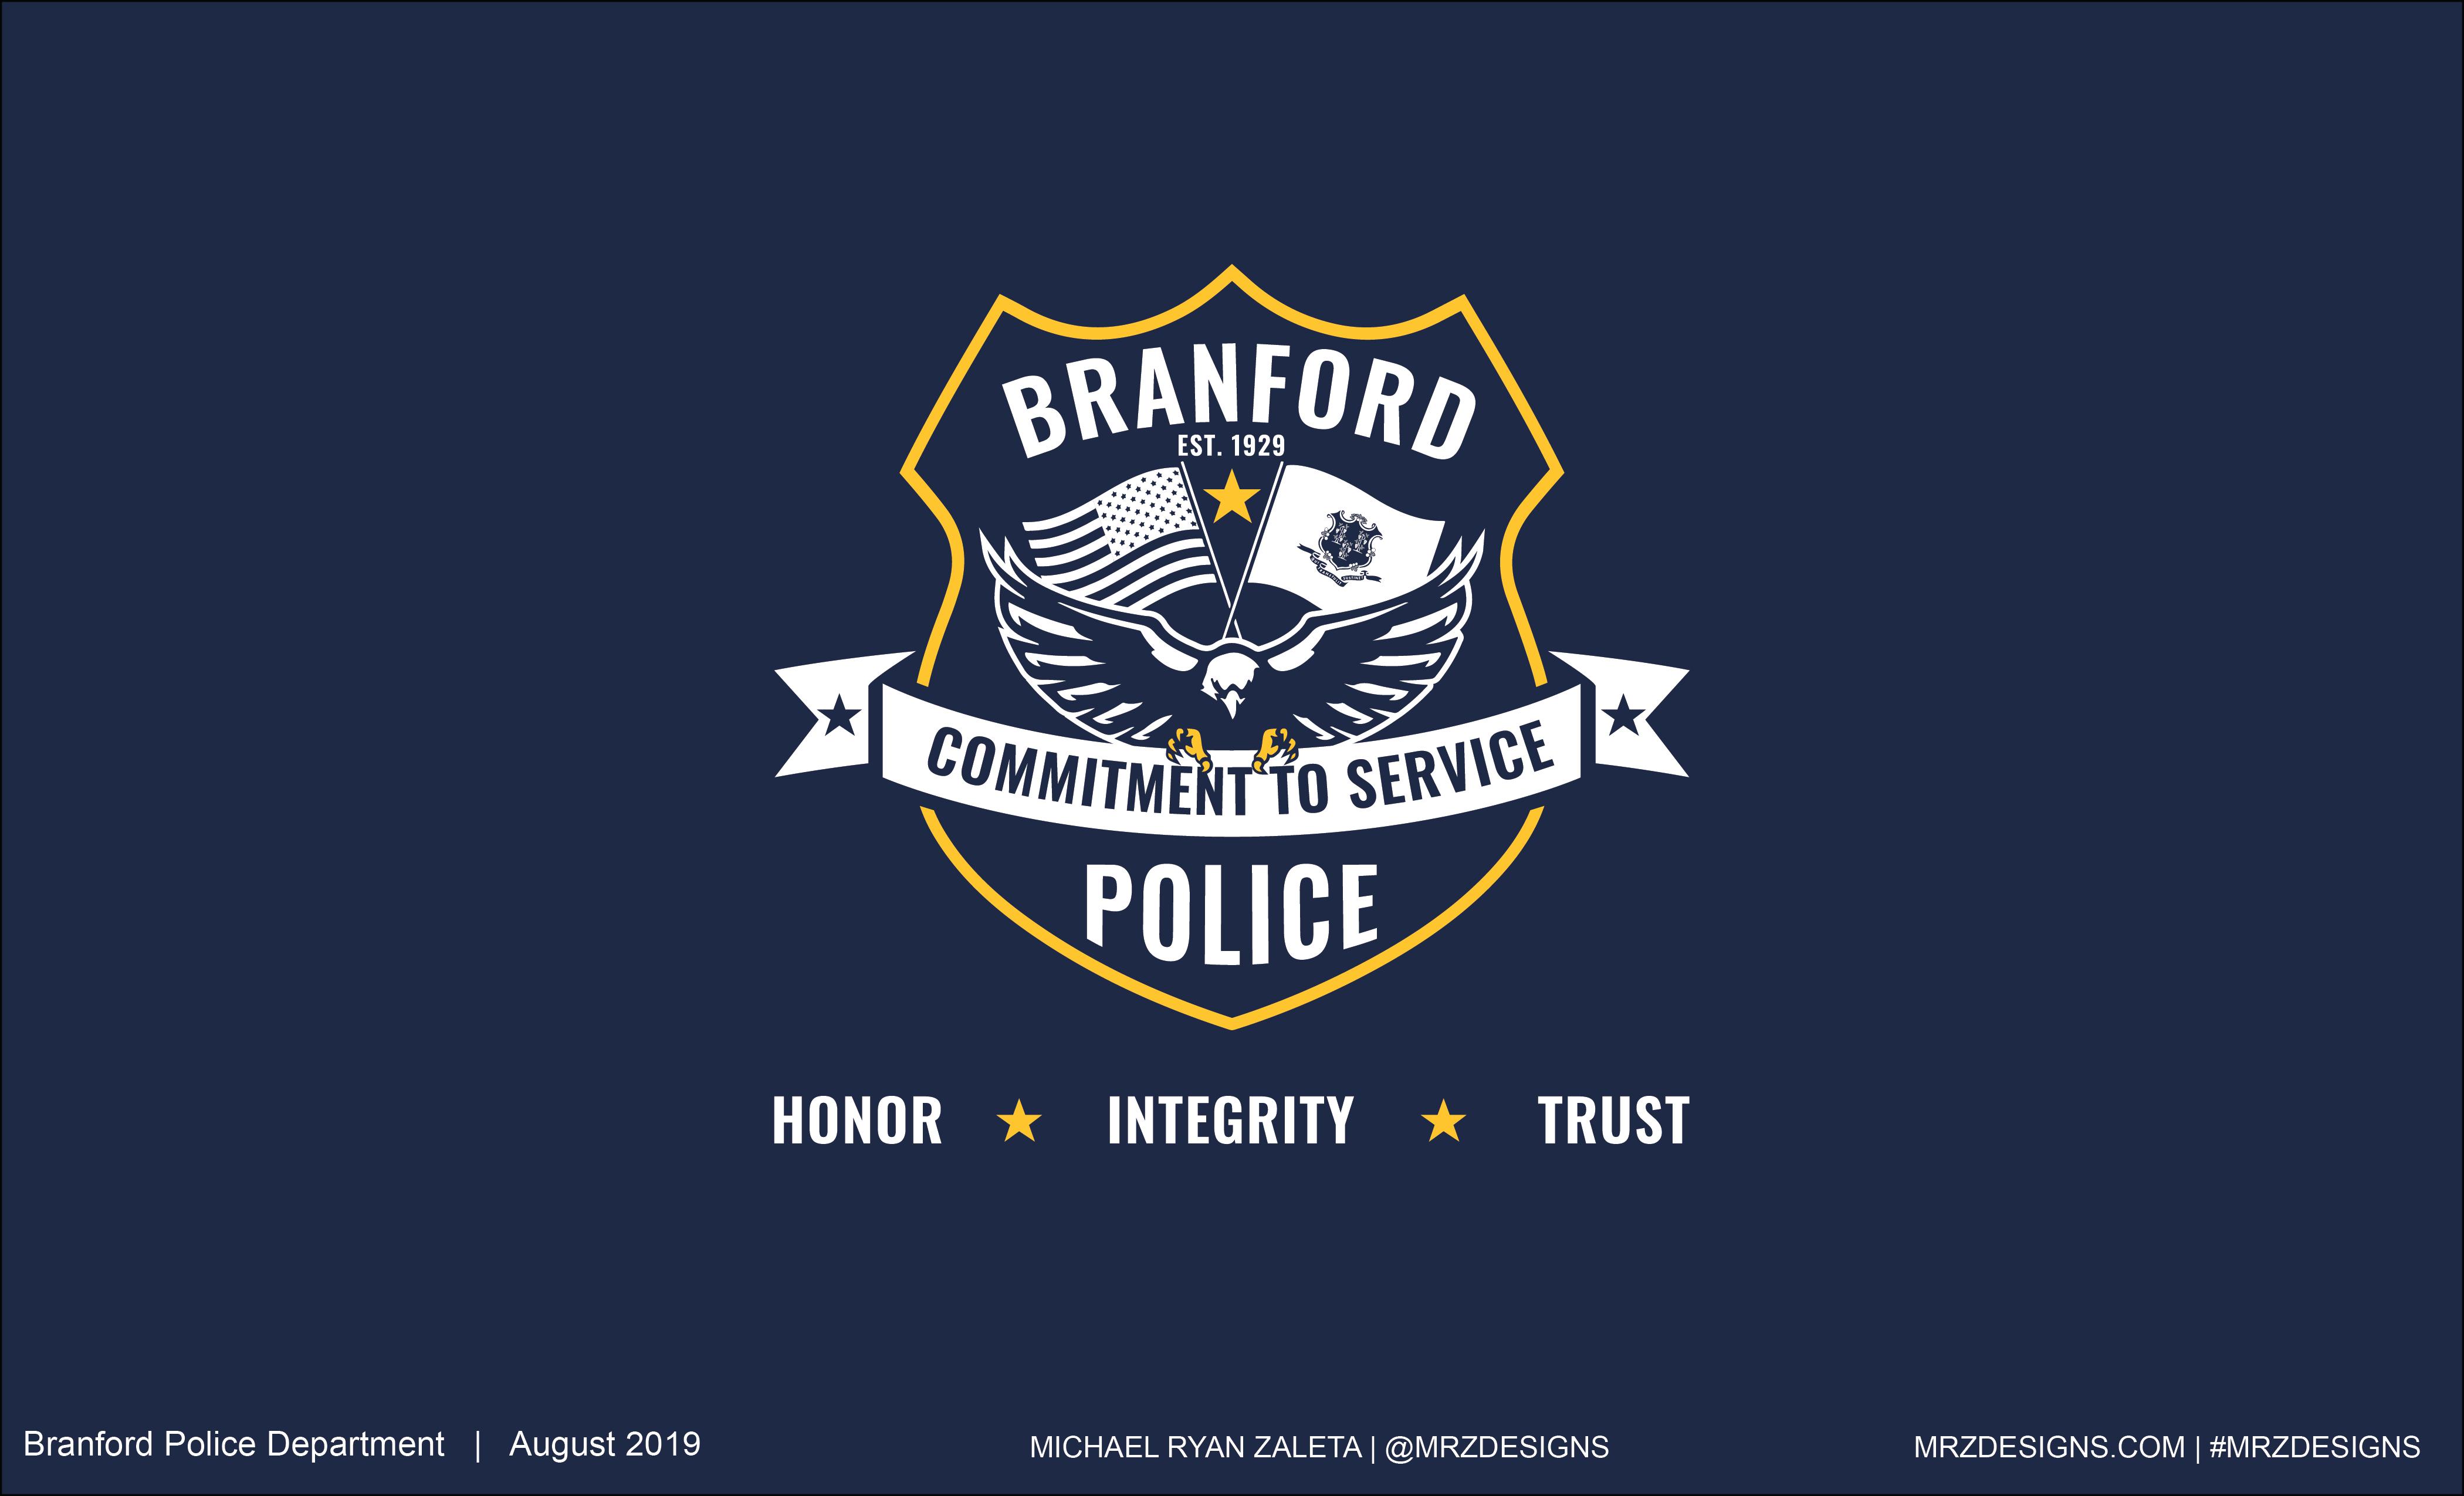 Branford Police Logo